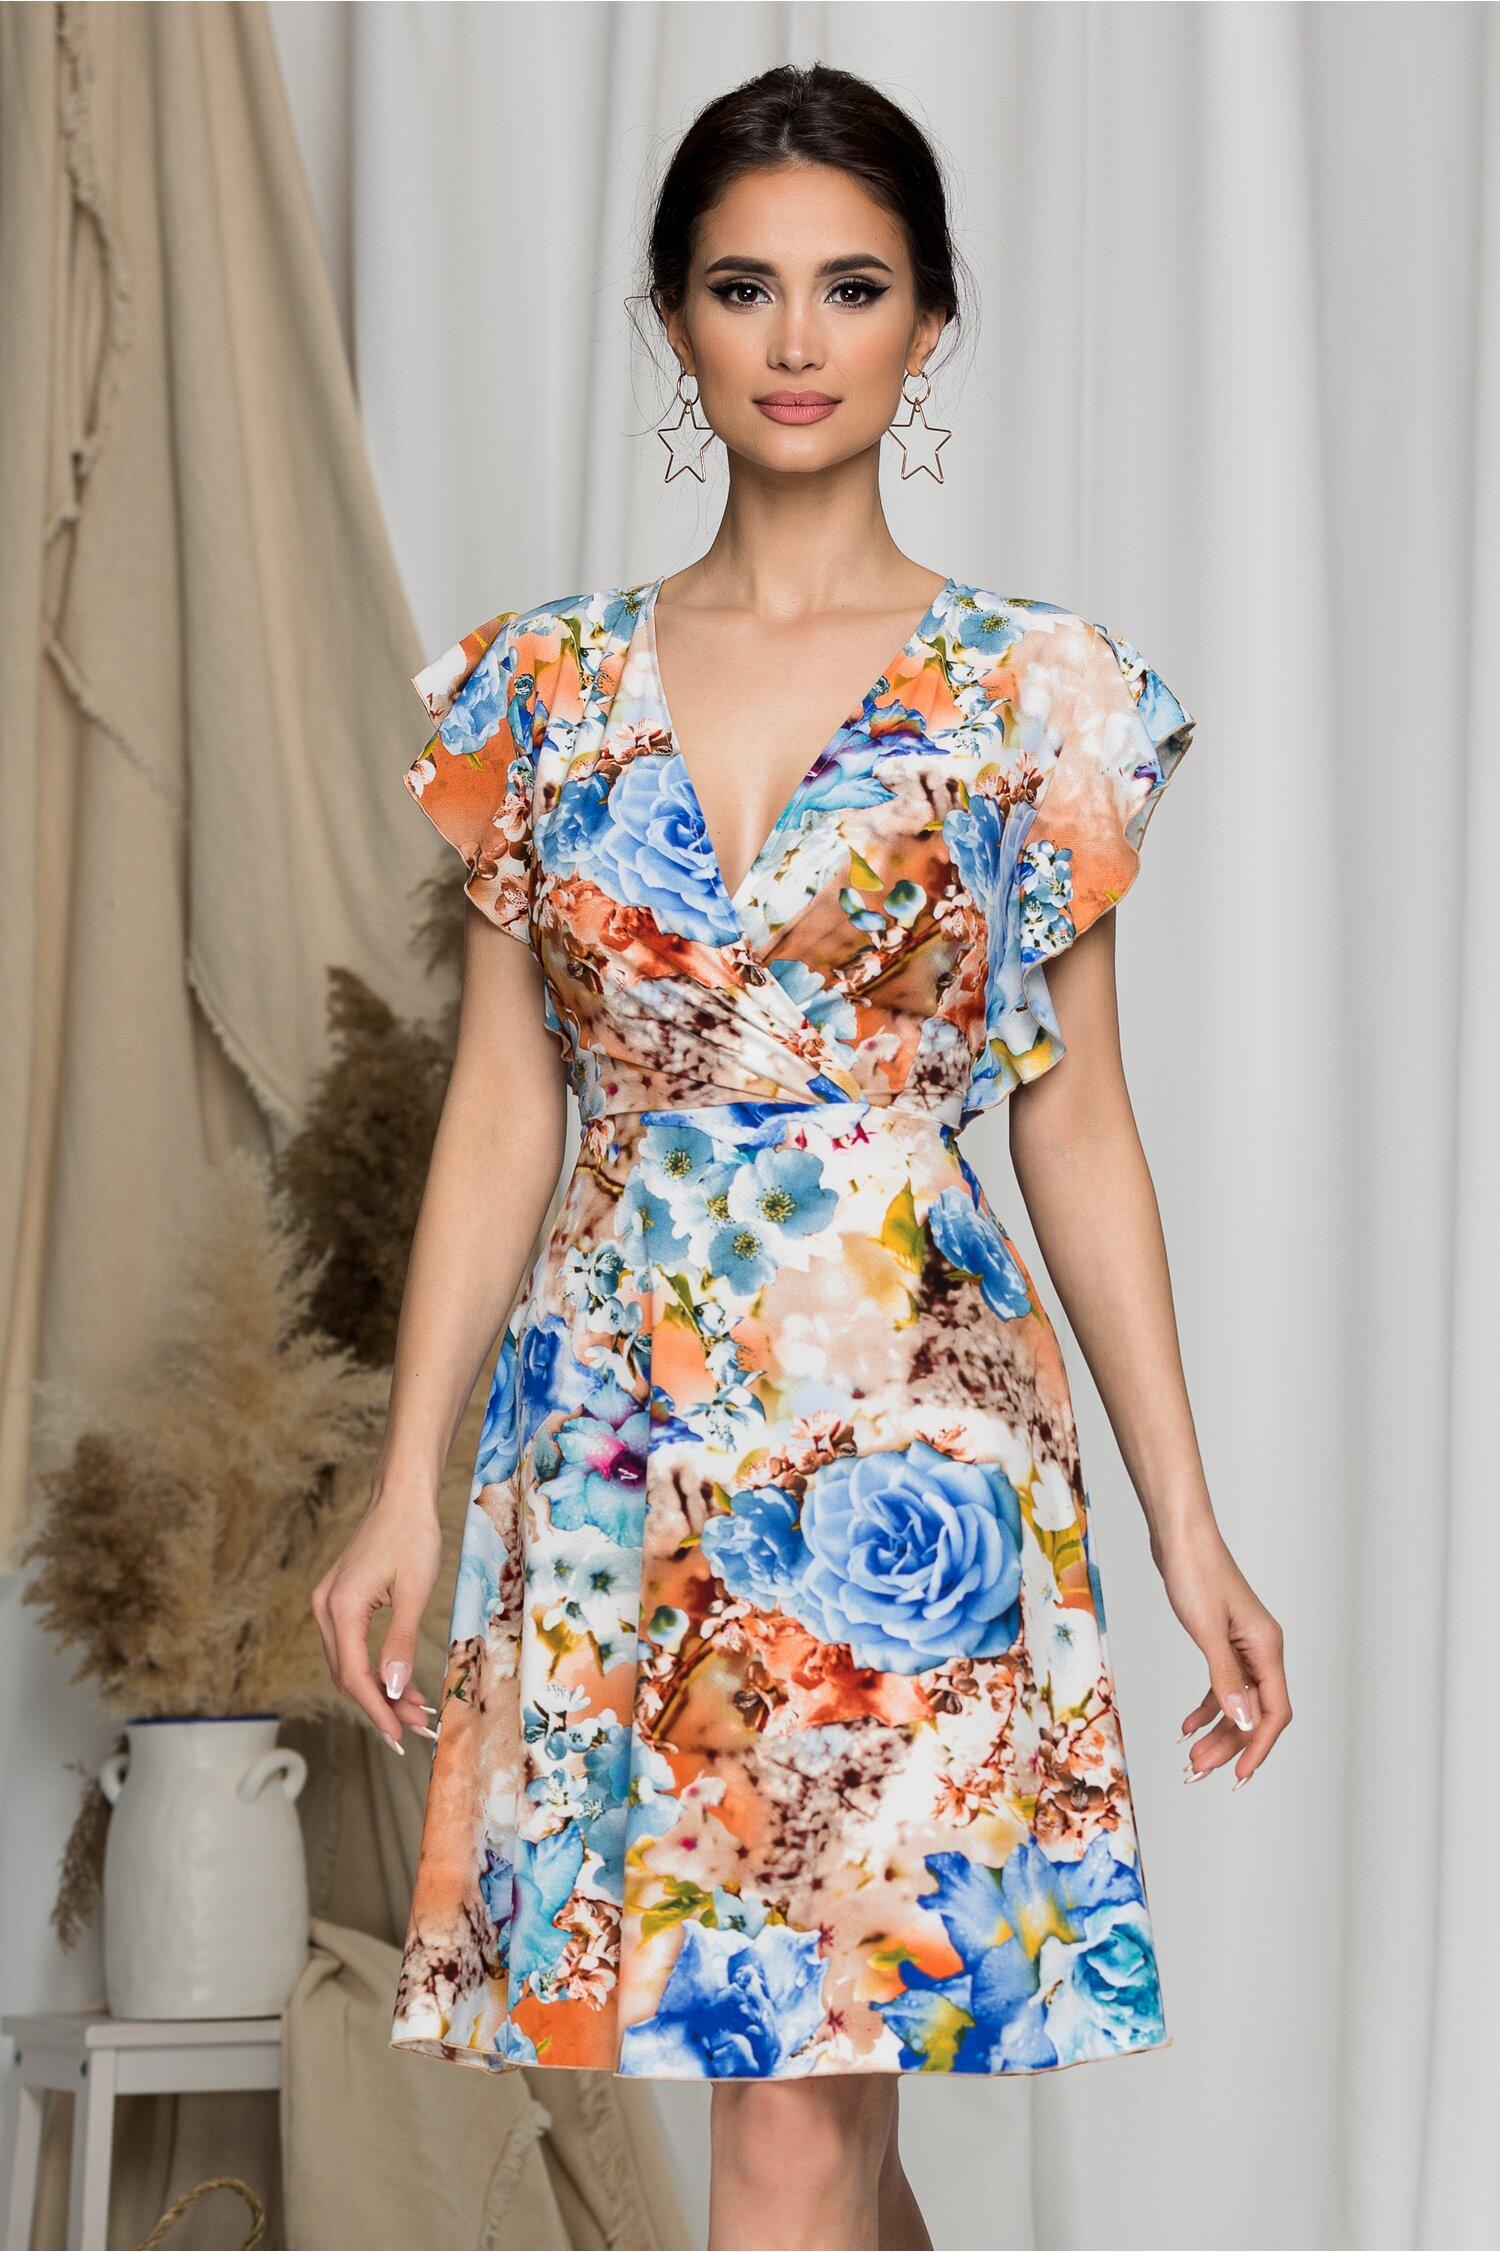 Rochie Juliette orange cu imprimeuri florale bleu